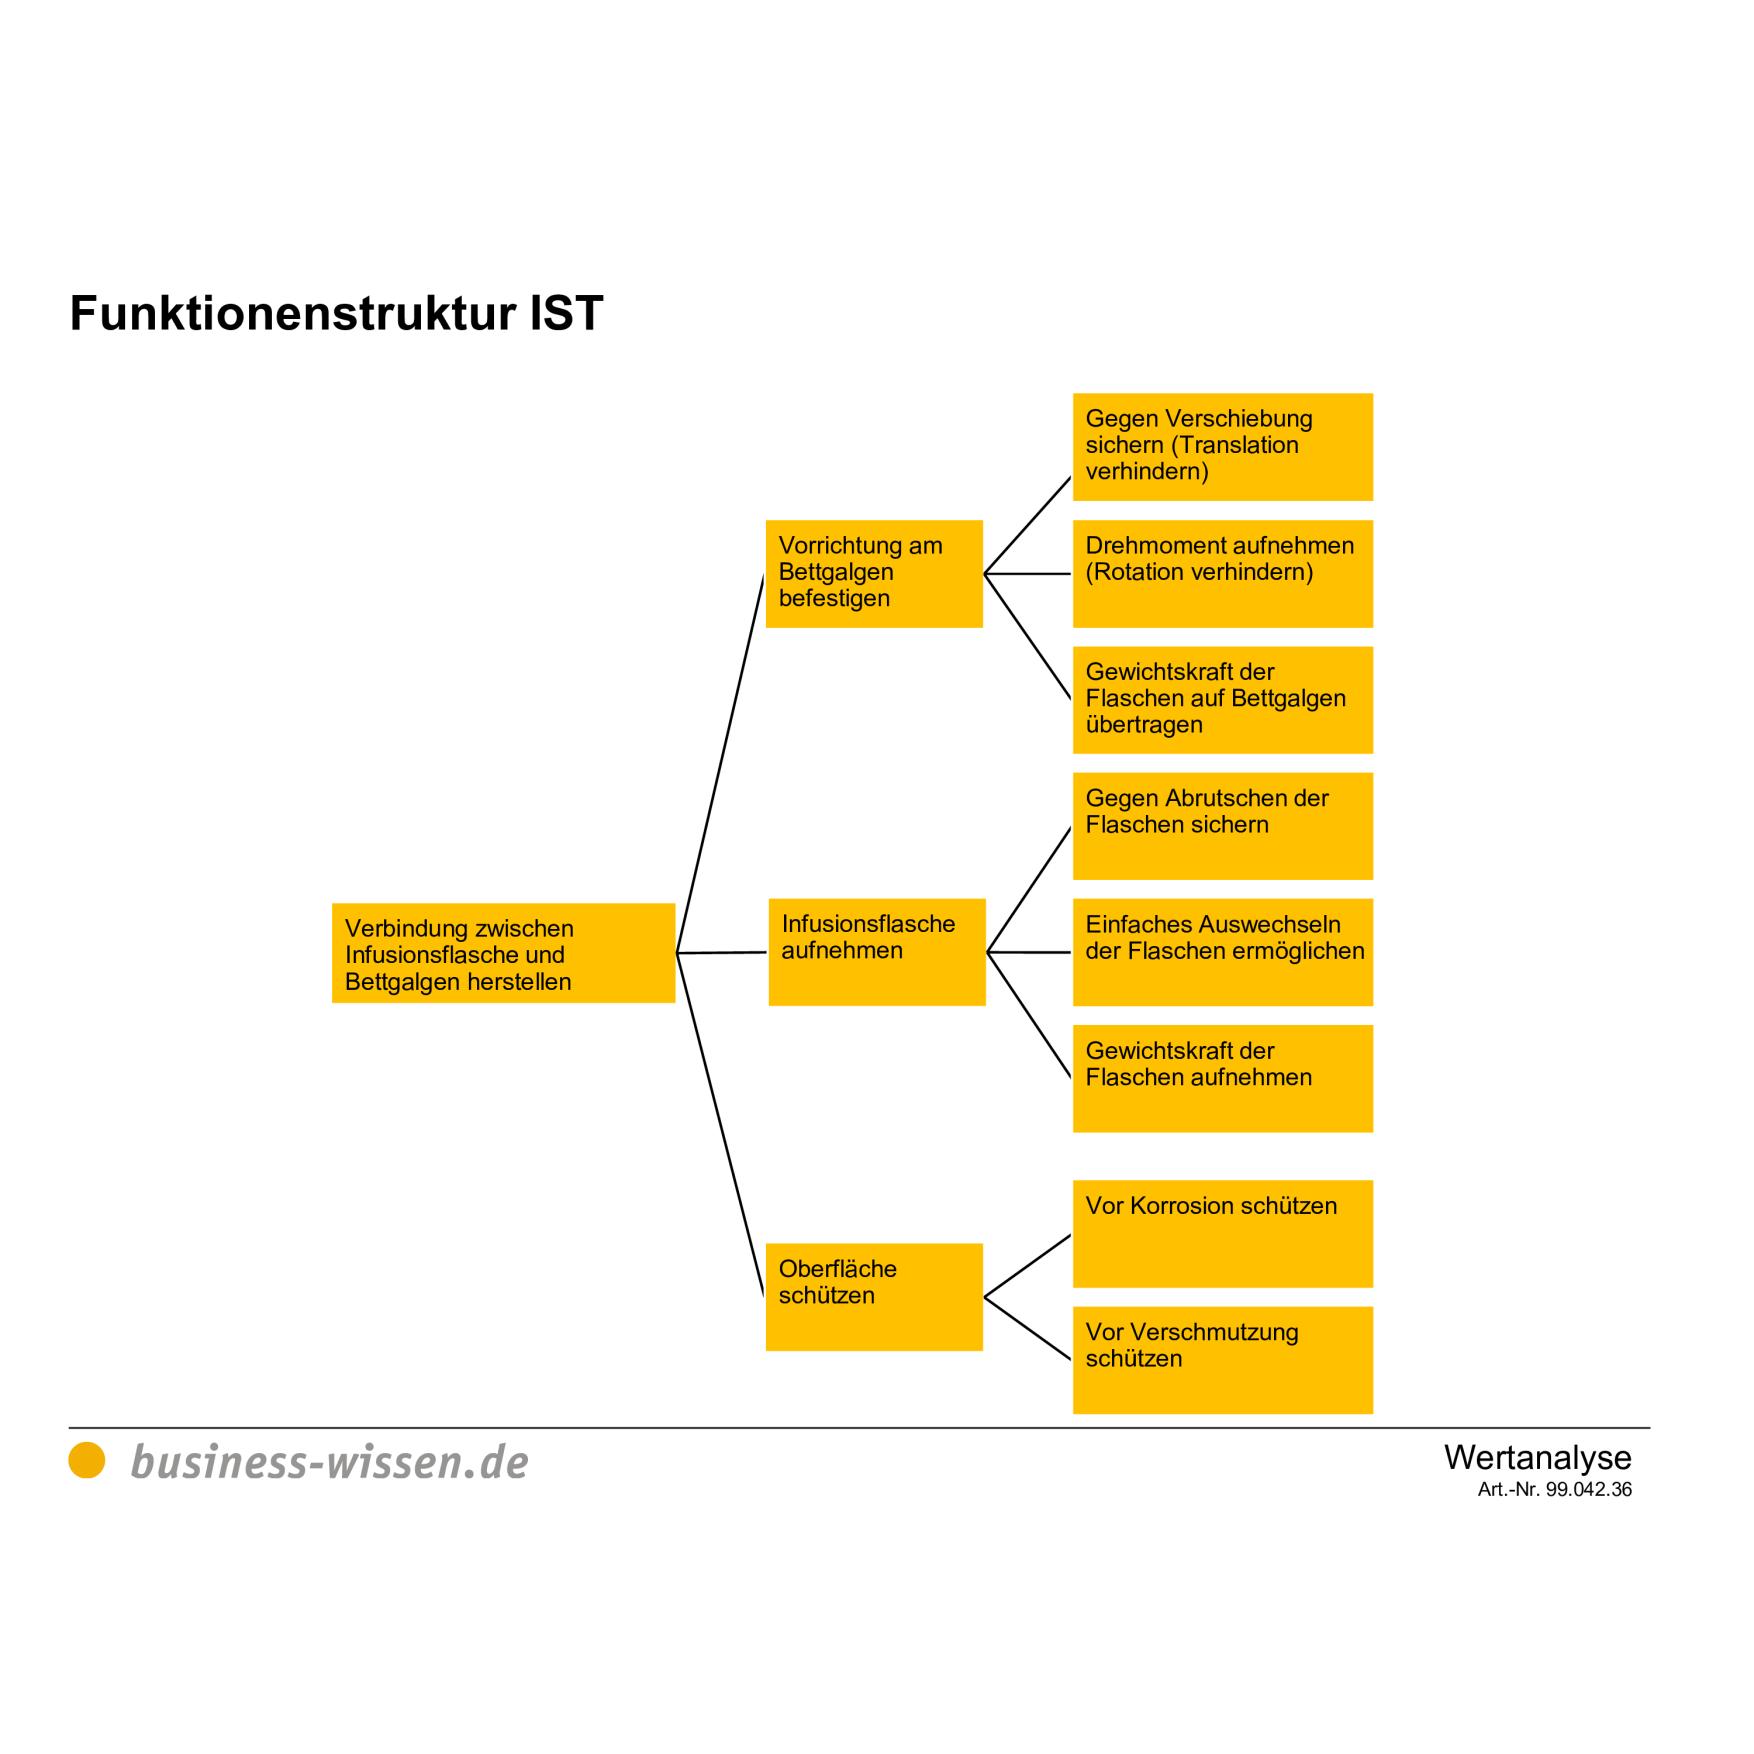 Darstellung Der Funktionenstruktur Zur Wertanalyse Am Beispiel Infusionsflaschenaufhanger Vorlage Business Wissen De